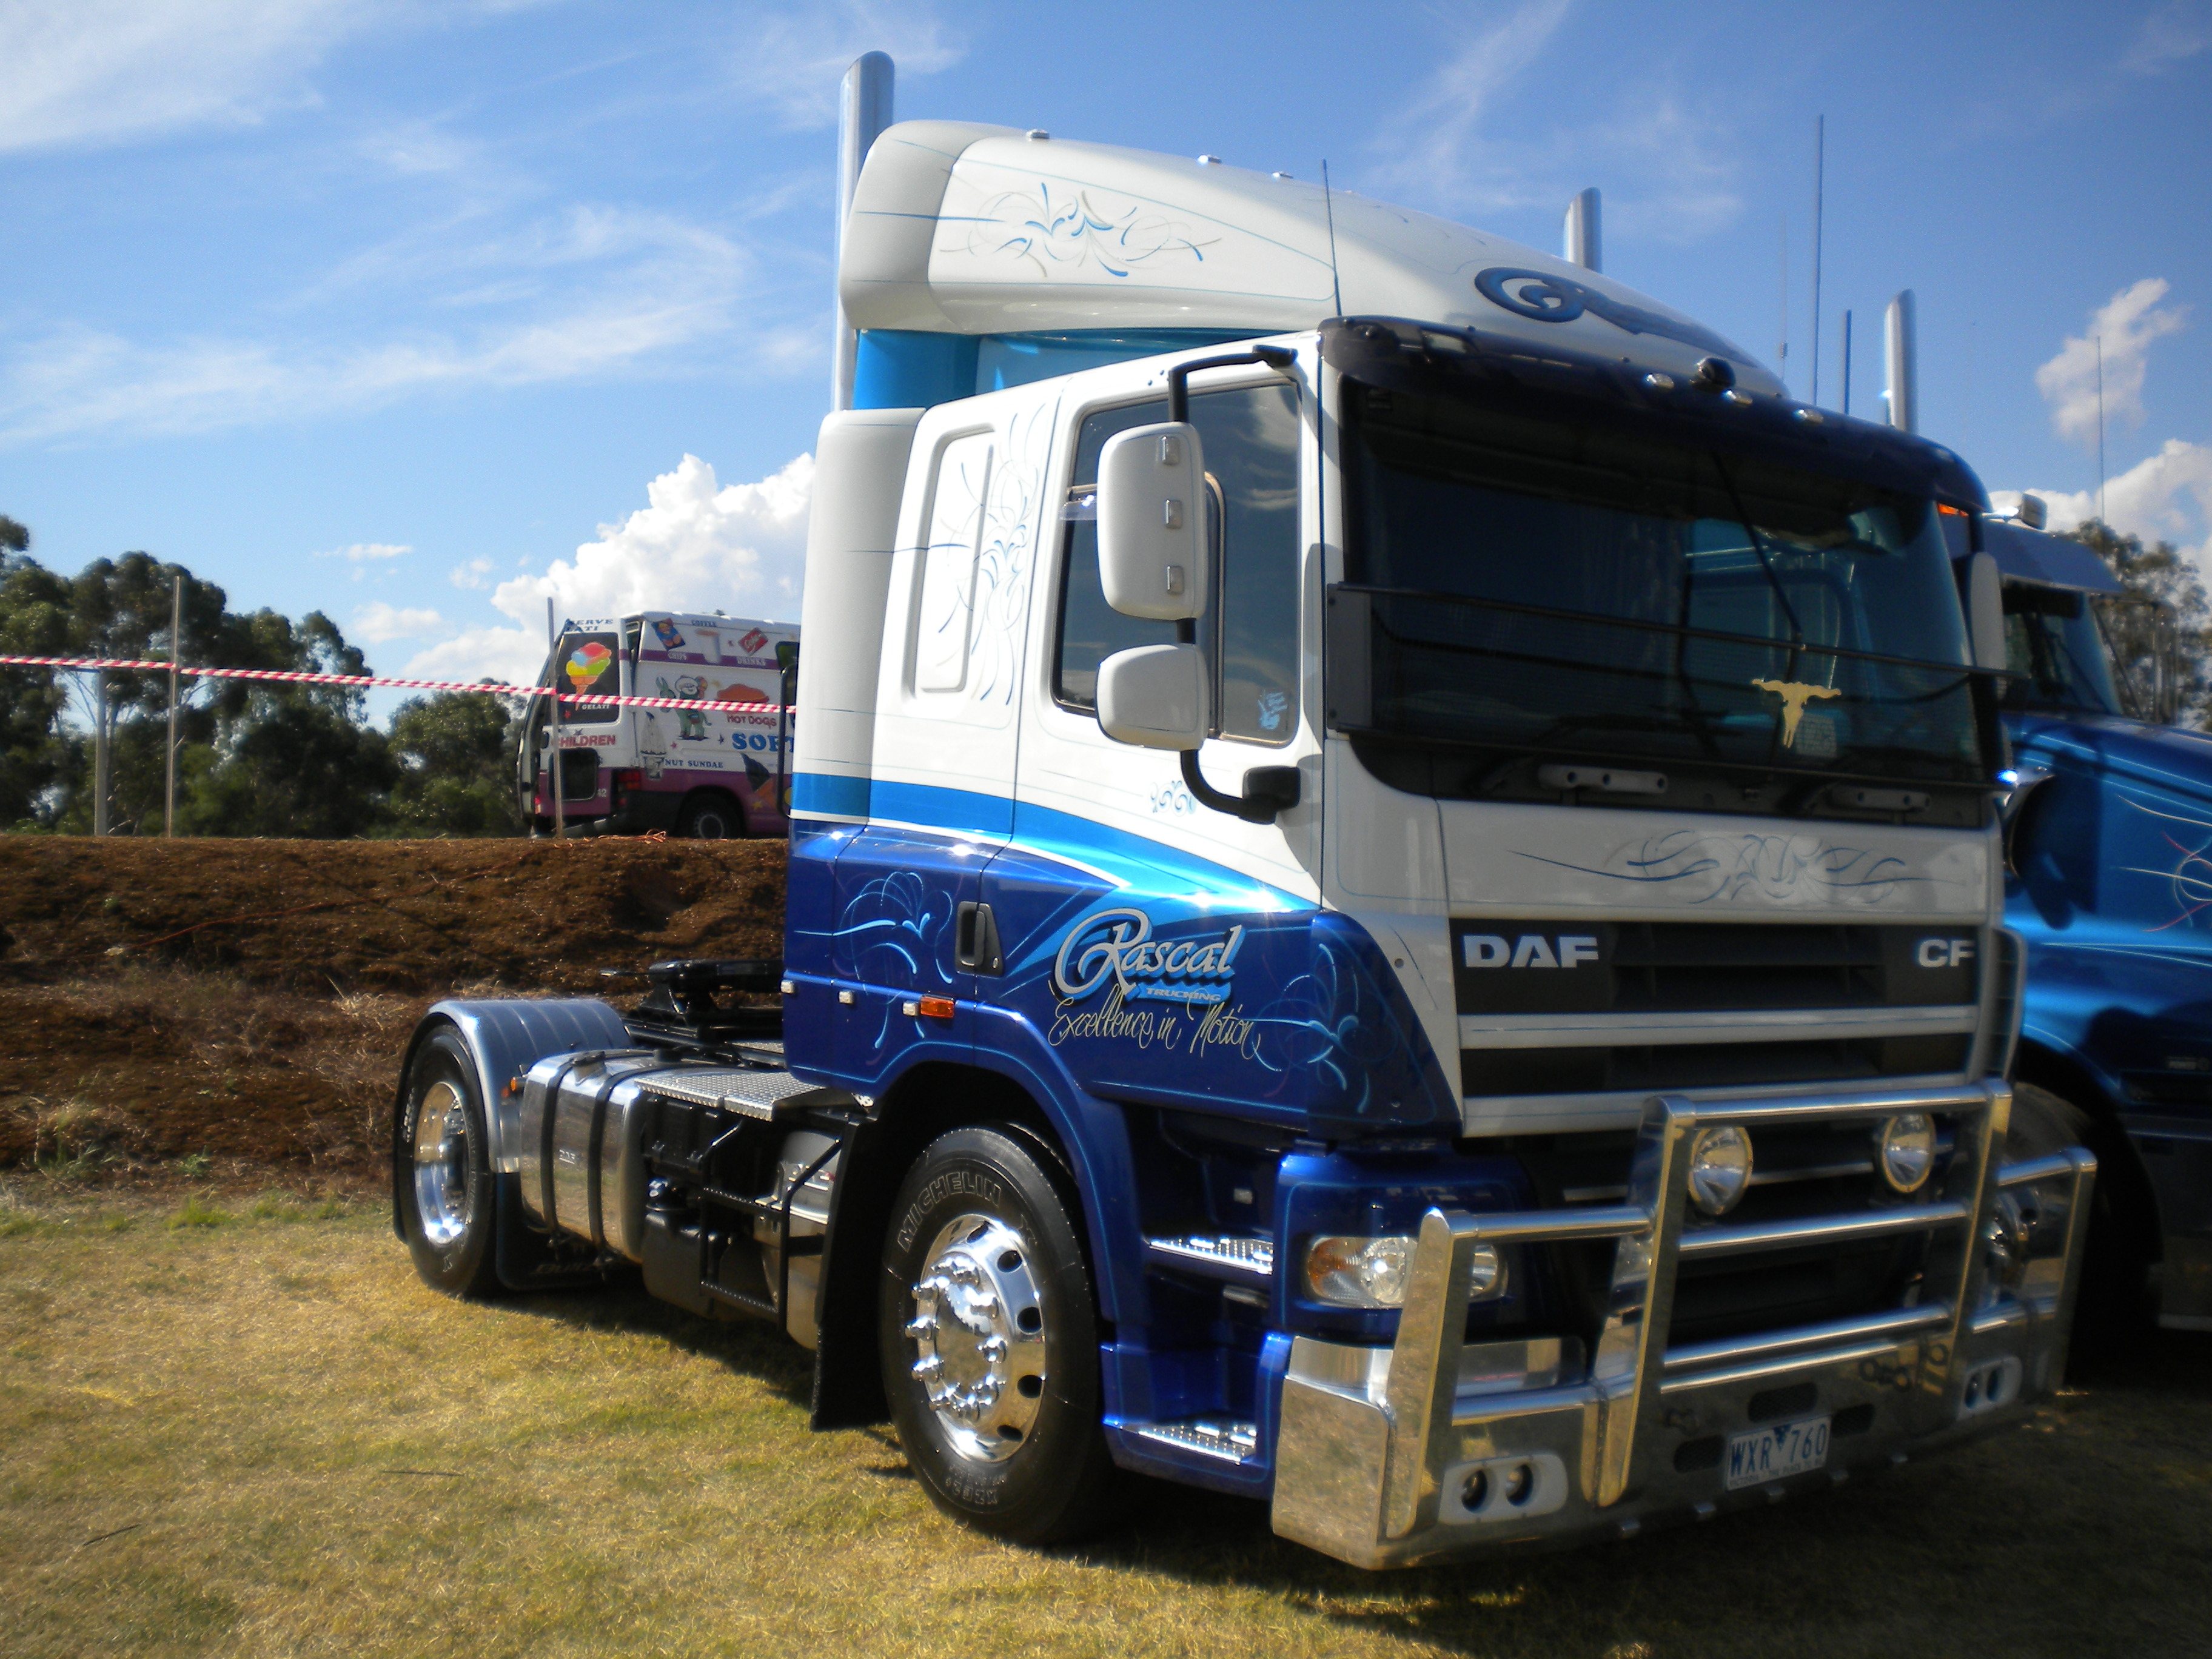 File:Rascal Truckin DAF CF jpg - Wikimedia Commons